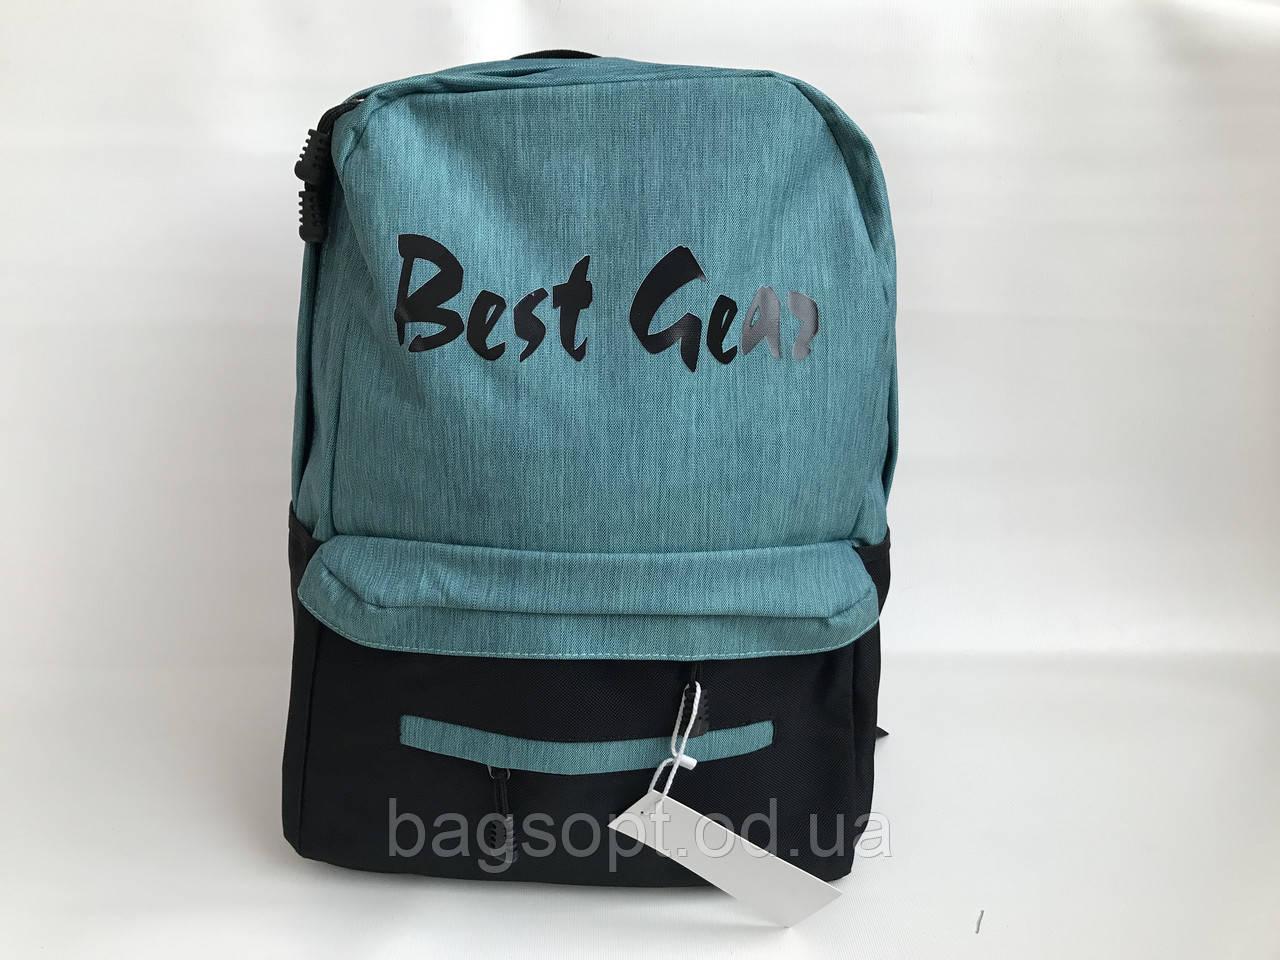 Рюкзак из ткани спортивный молодежный с карманом для ноутбука 15,6 Одесса 7 км